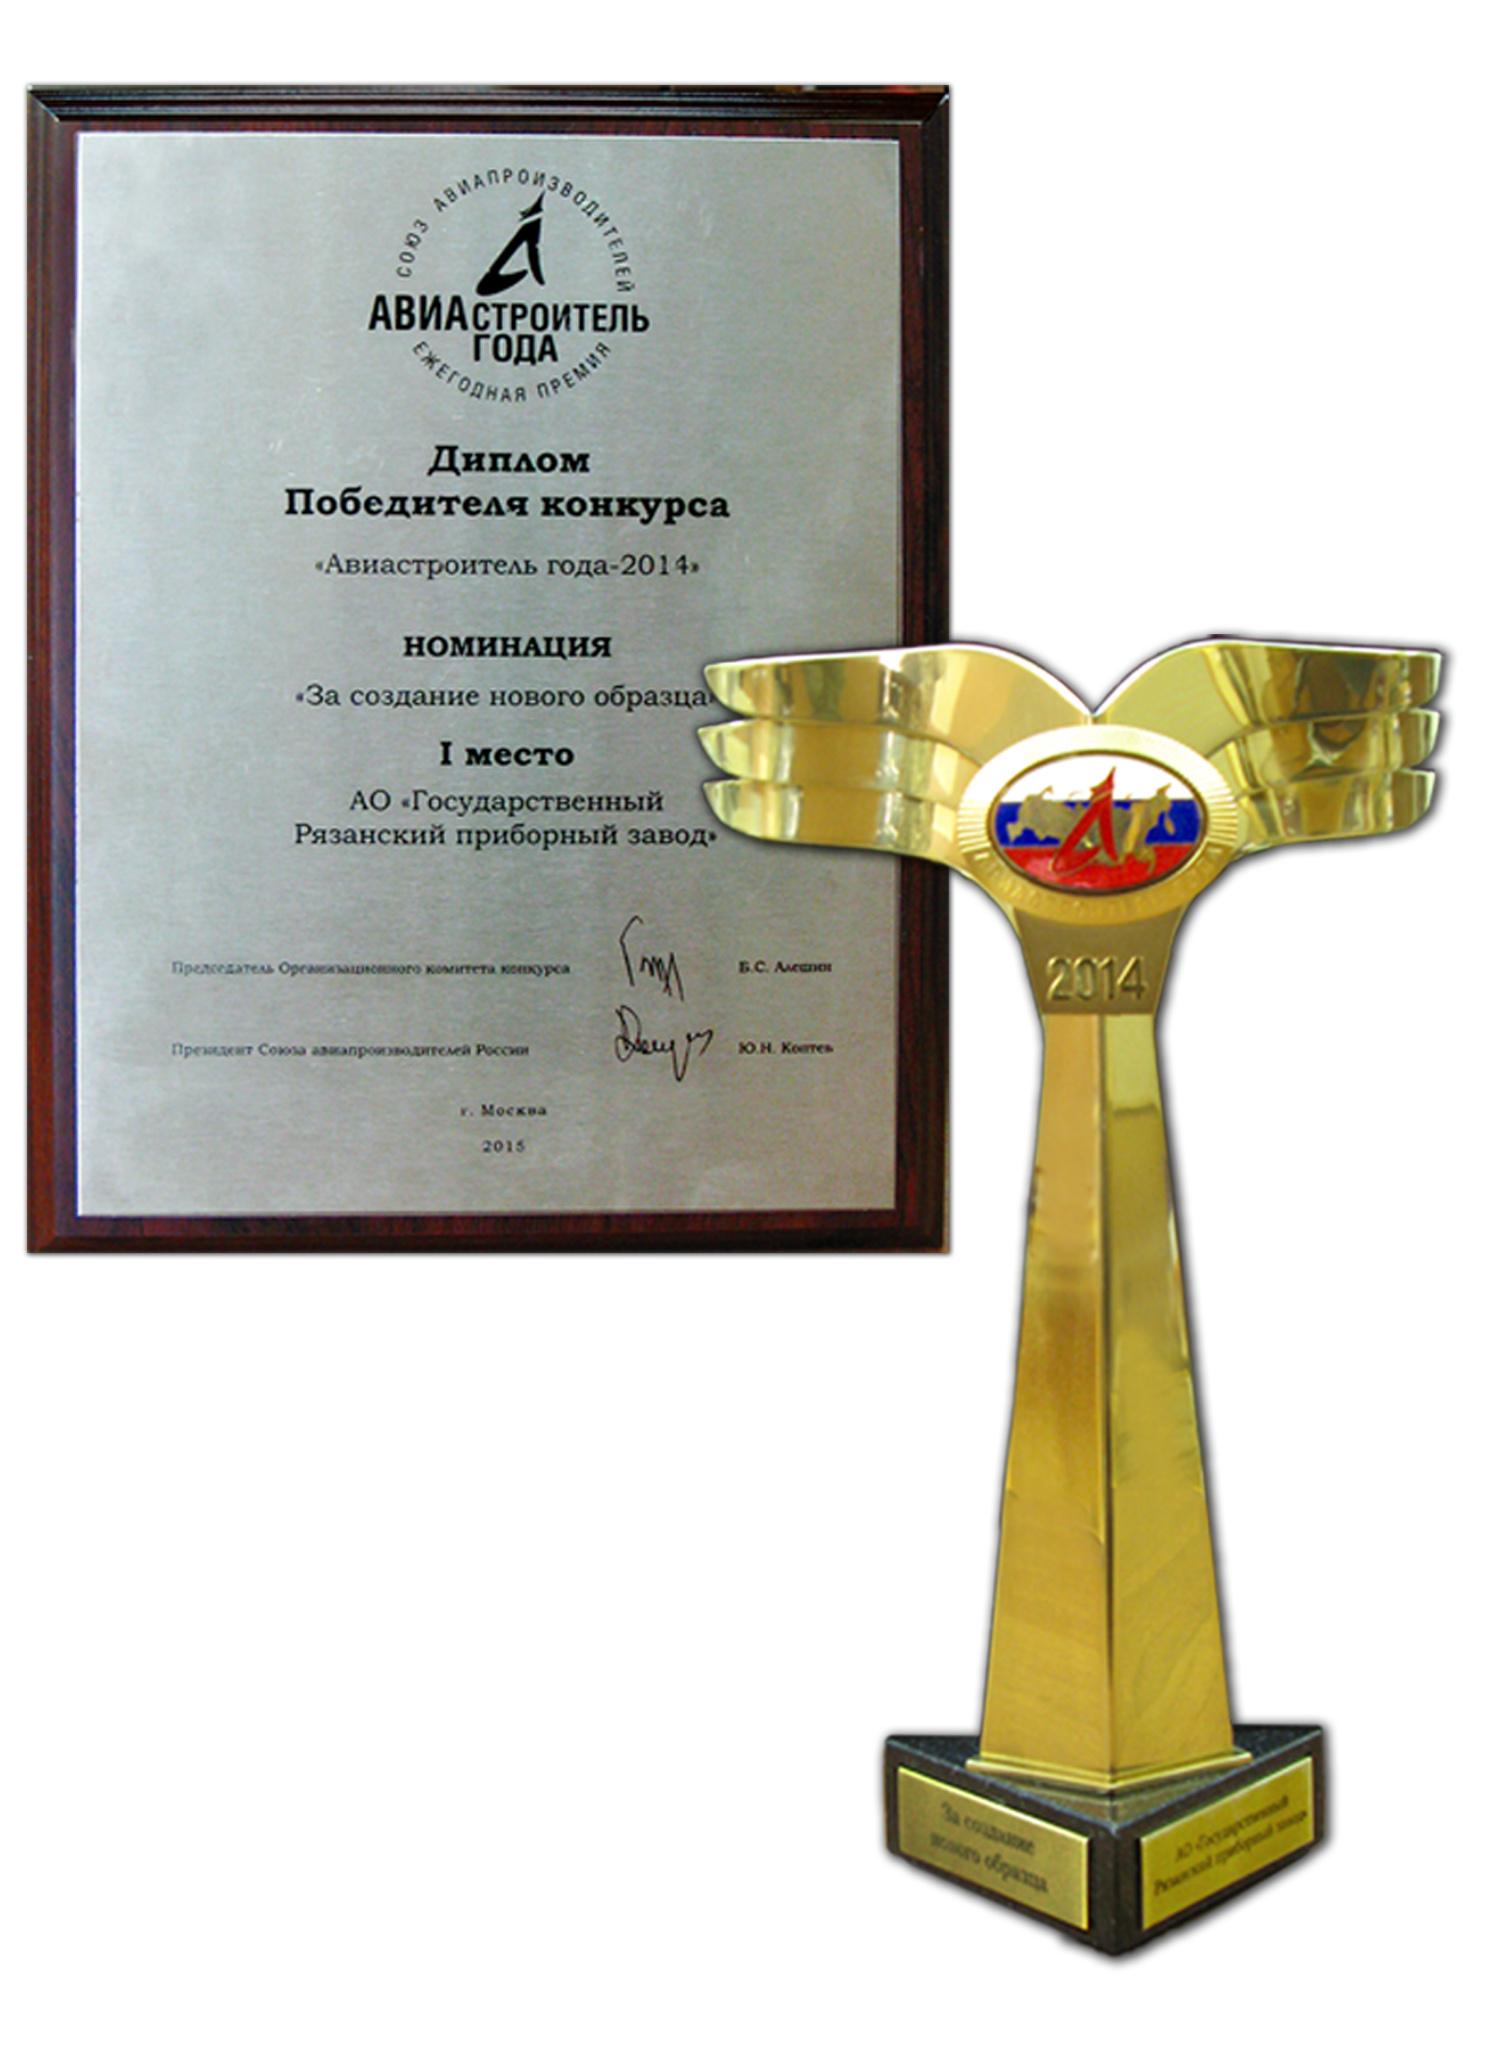 Награды и дипломы ГРПЗ О компании Диплом победителя и Памятный знак